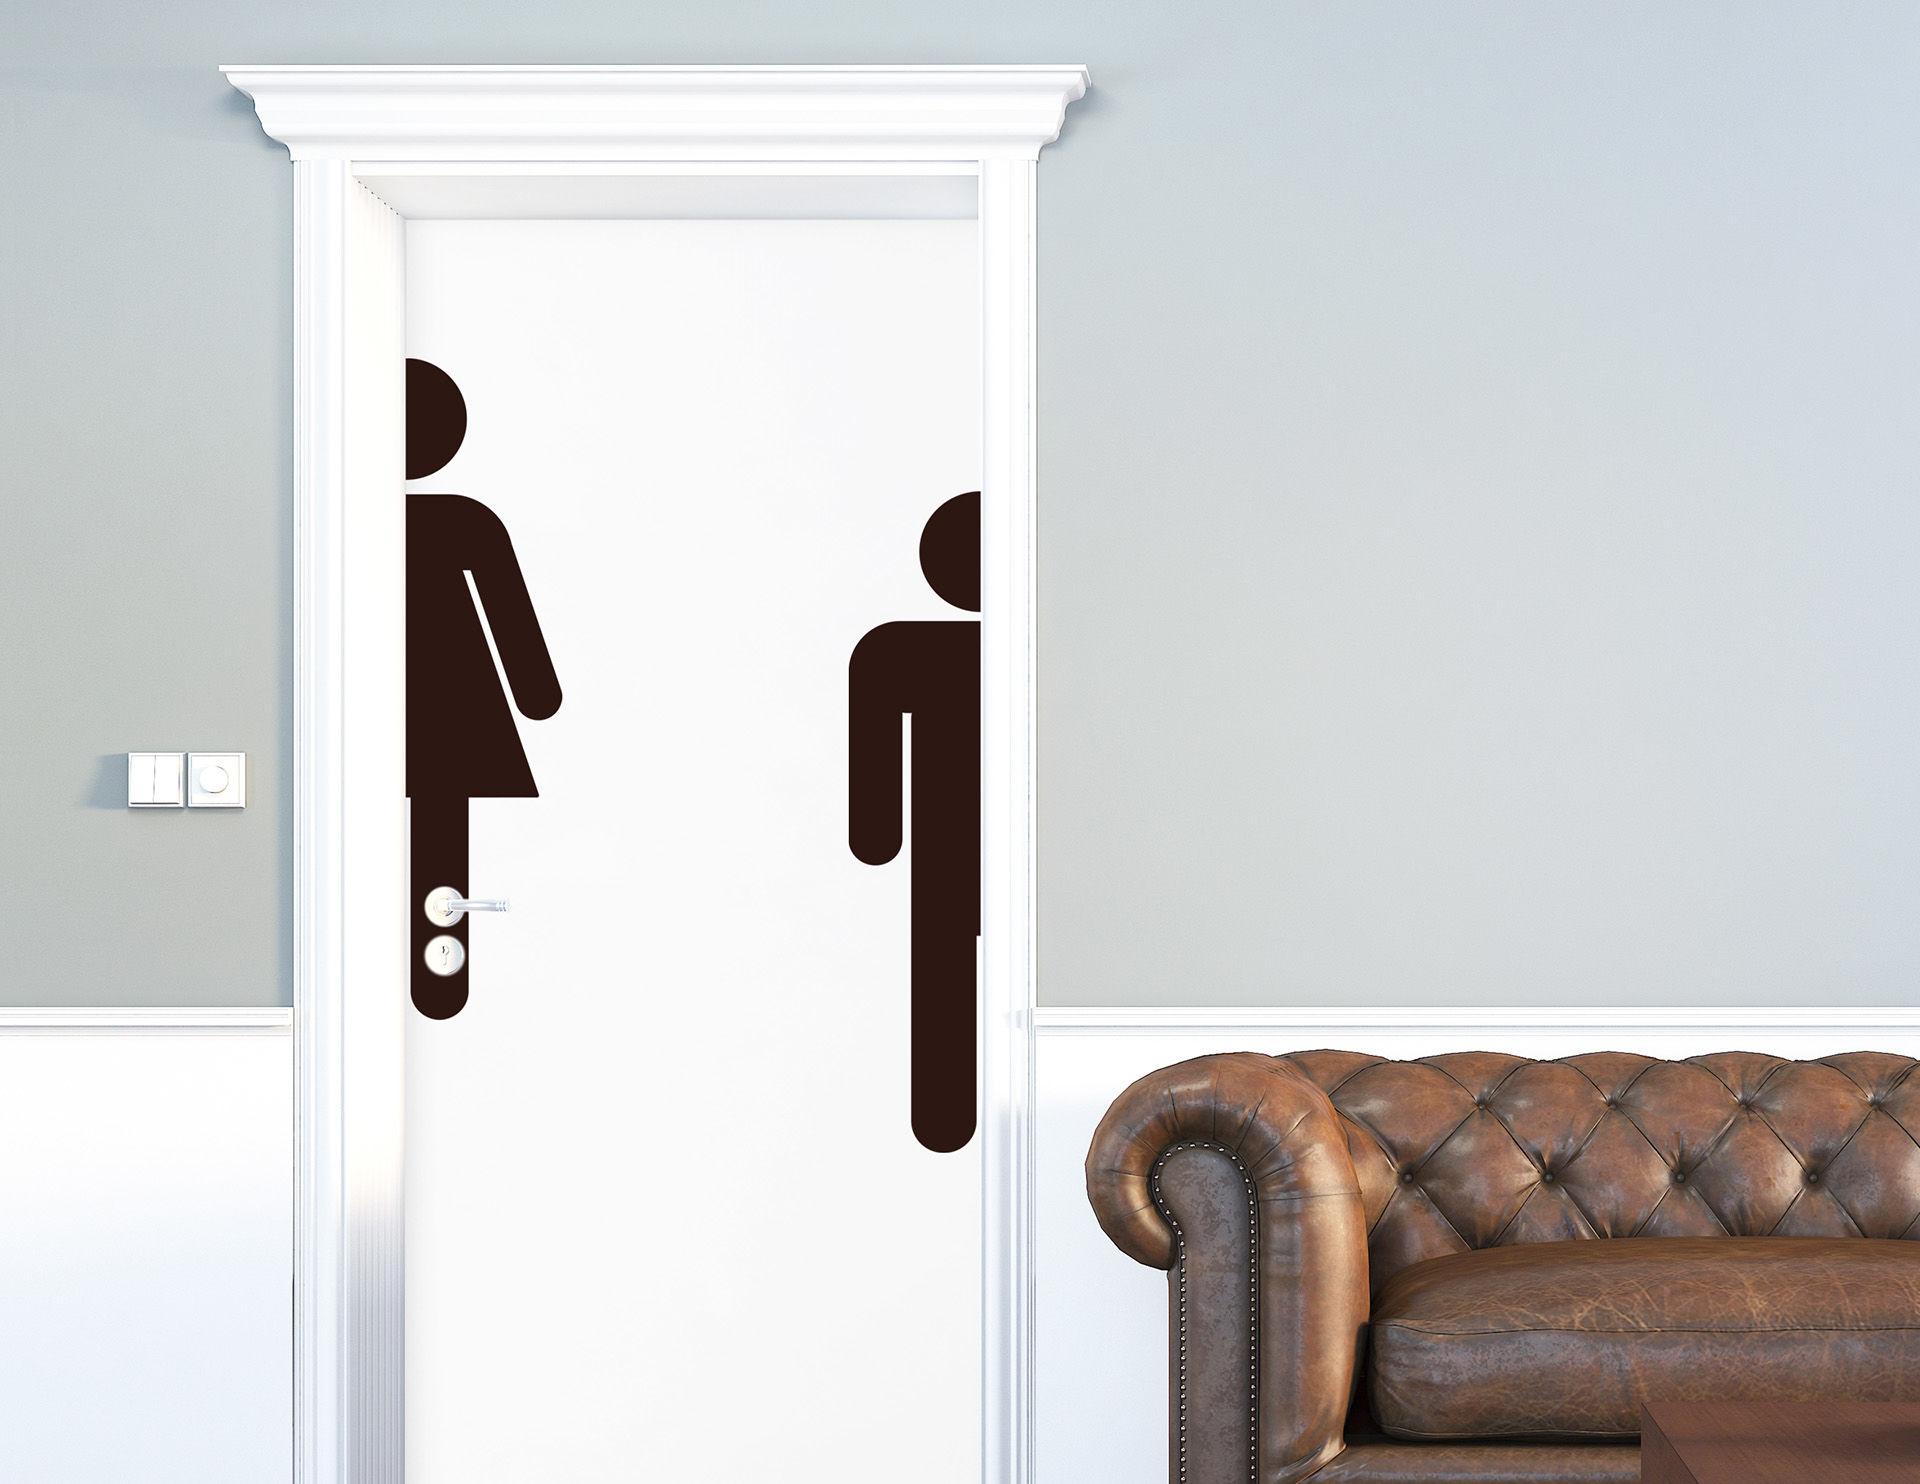 Wc piktogramm xl aufkleber f r die t r in bad toilette for Bootsaufkleber design